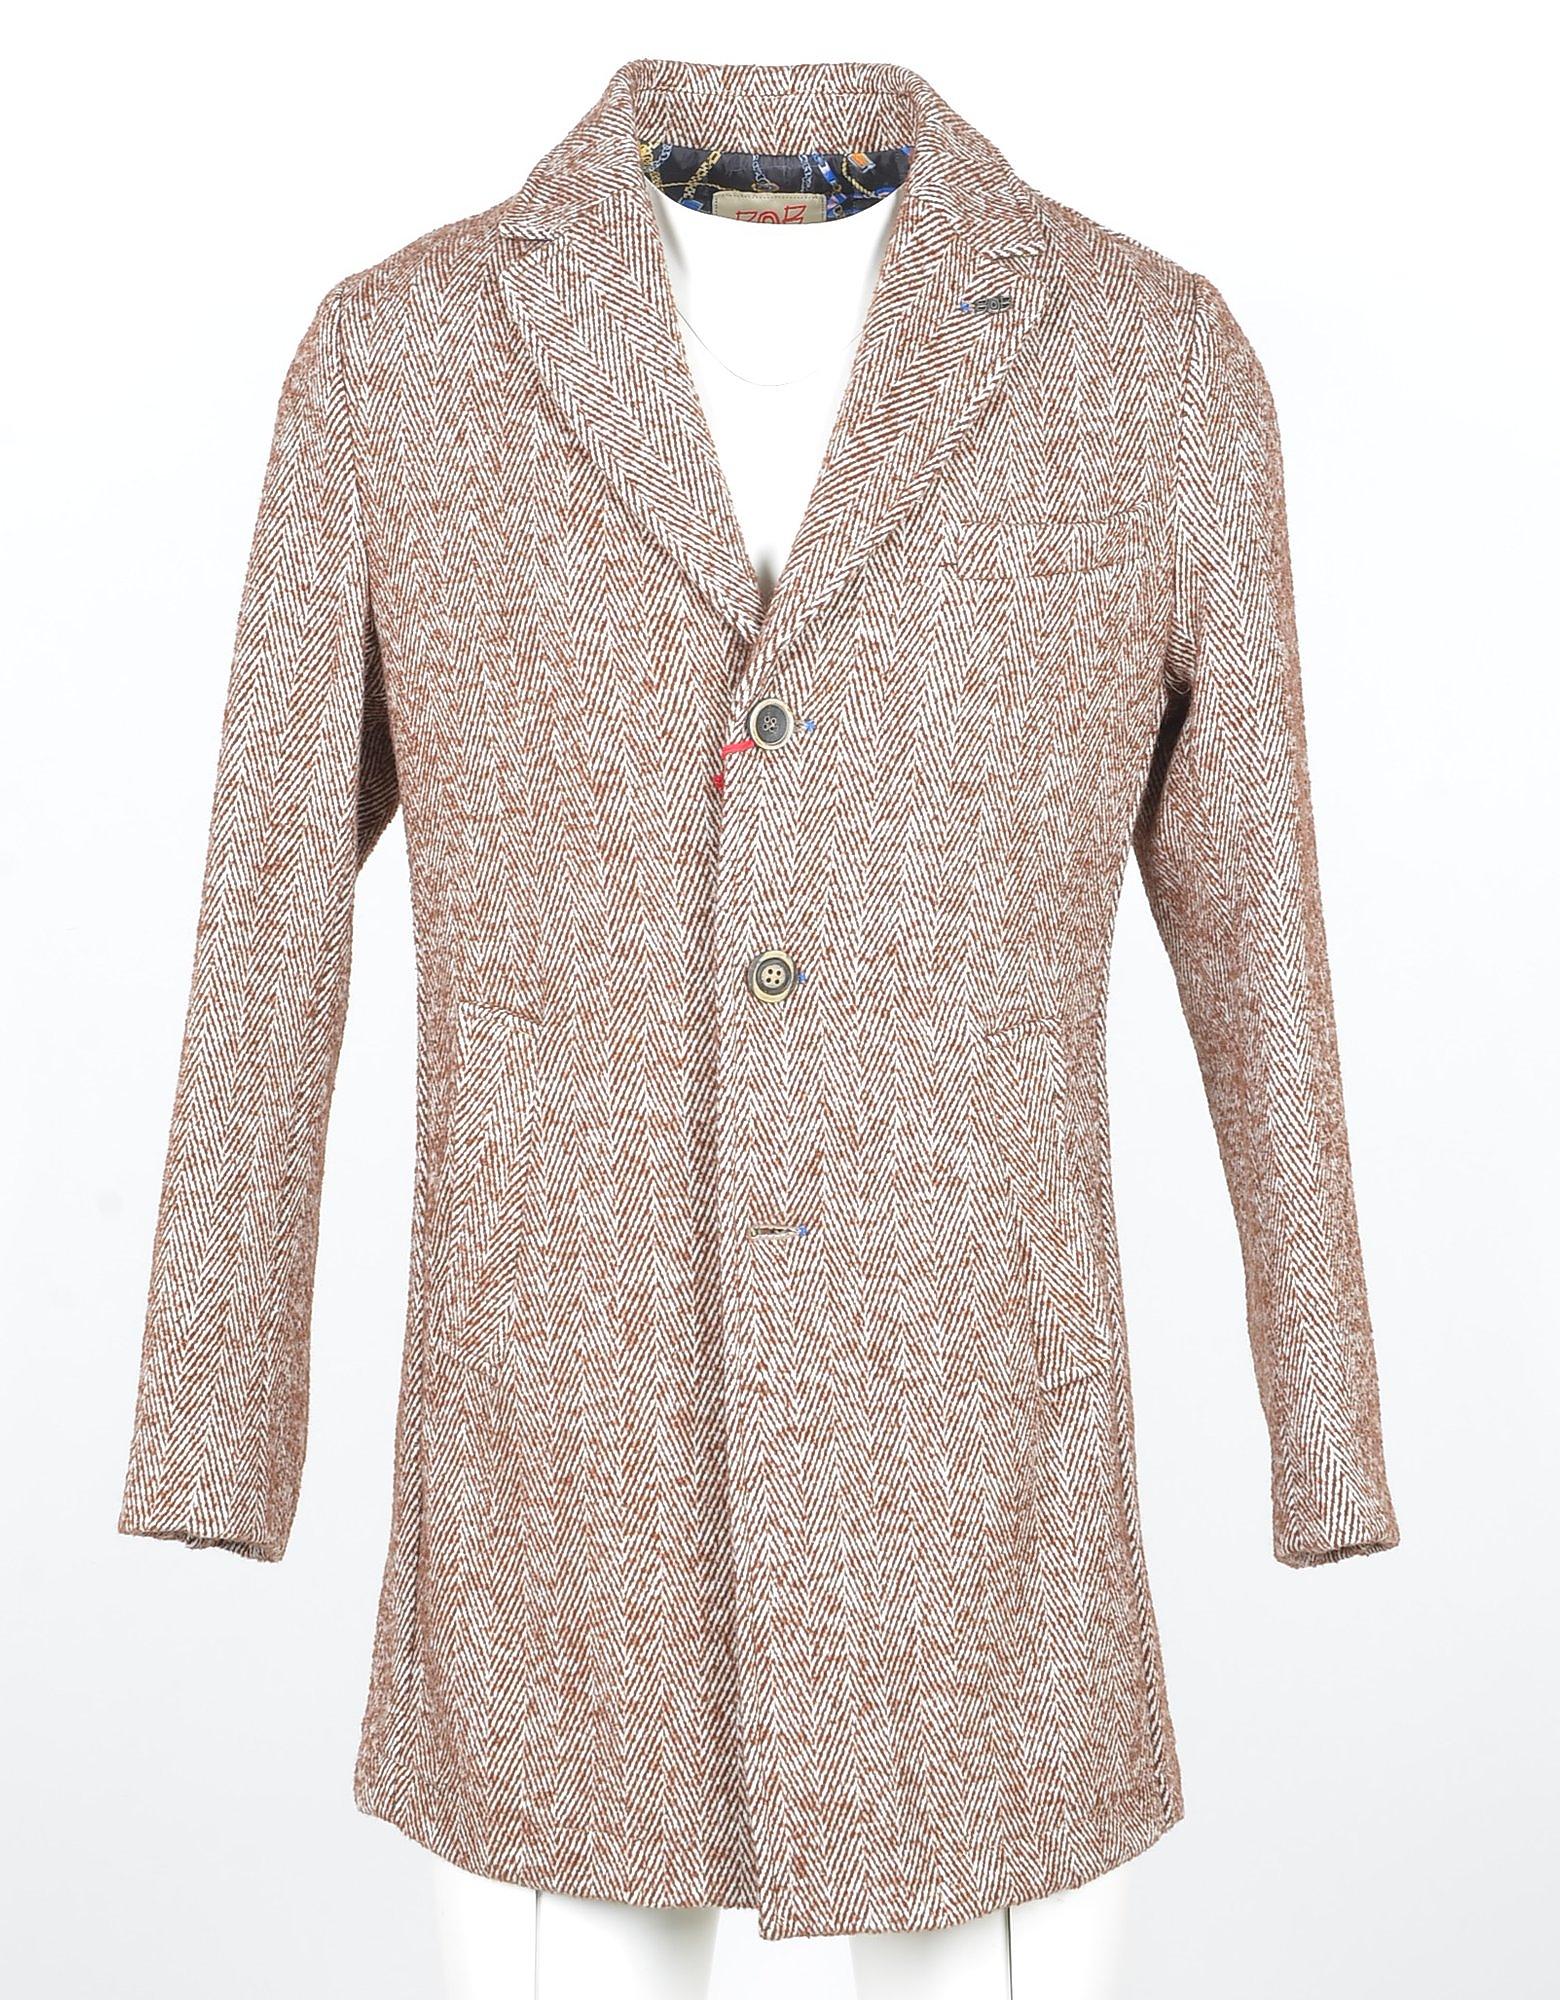 Bob Designer Coats & Jackets, Red Wool Blend Men's Coat